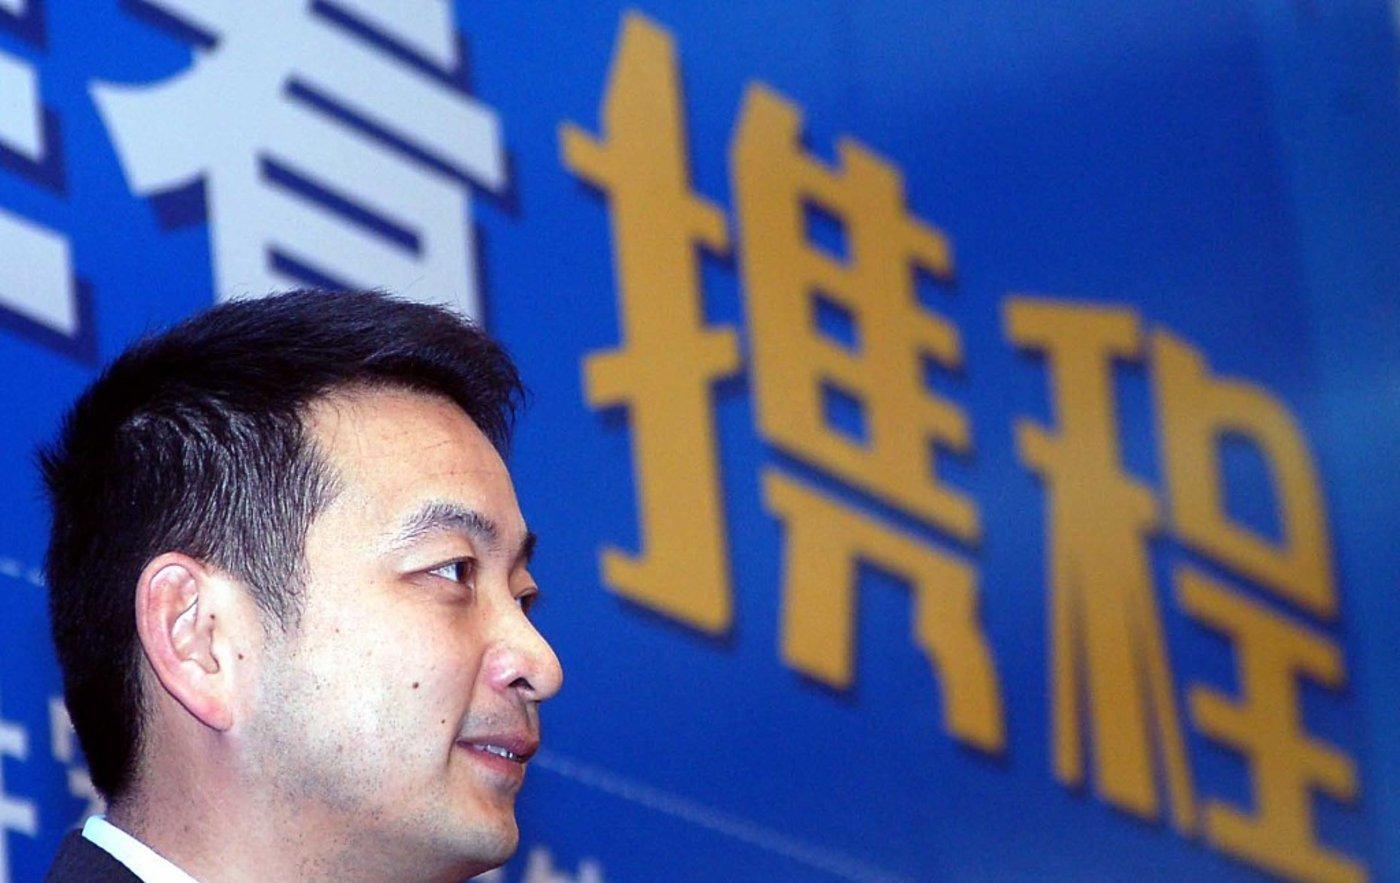 携程创始人梁建章,图片来源@视觉中国